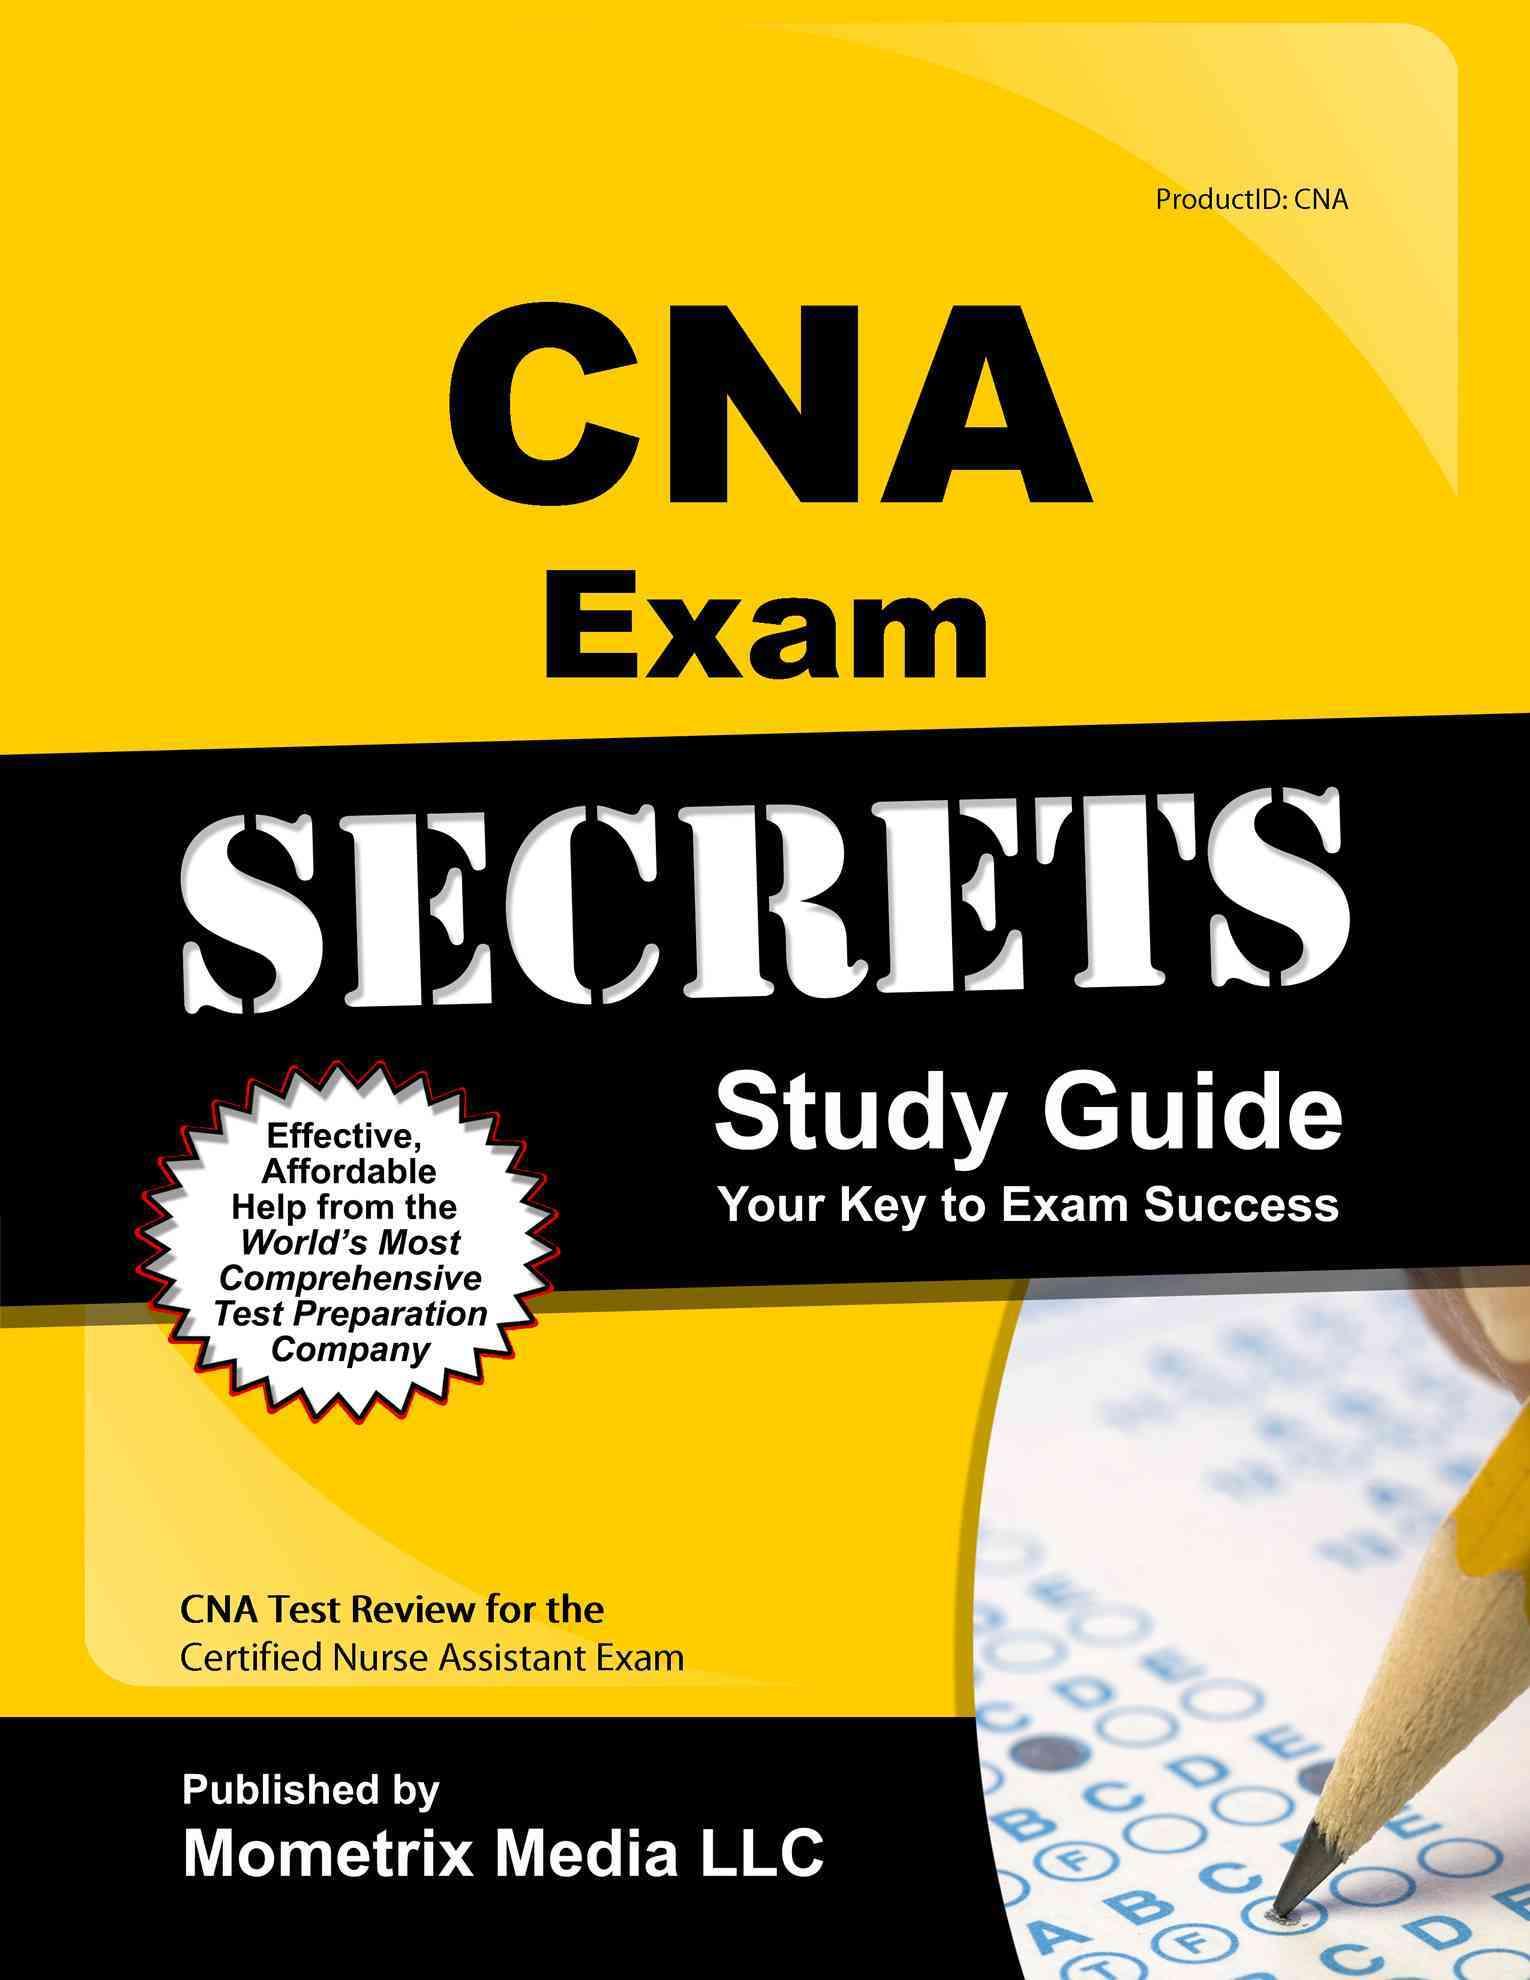 Cna Exam Secrets Study Guide By Cna Exam Secrets (EDT) [Study Guide Edition]